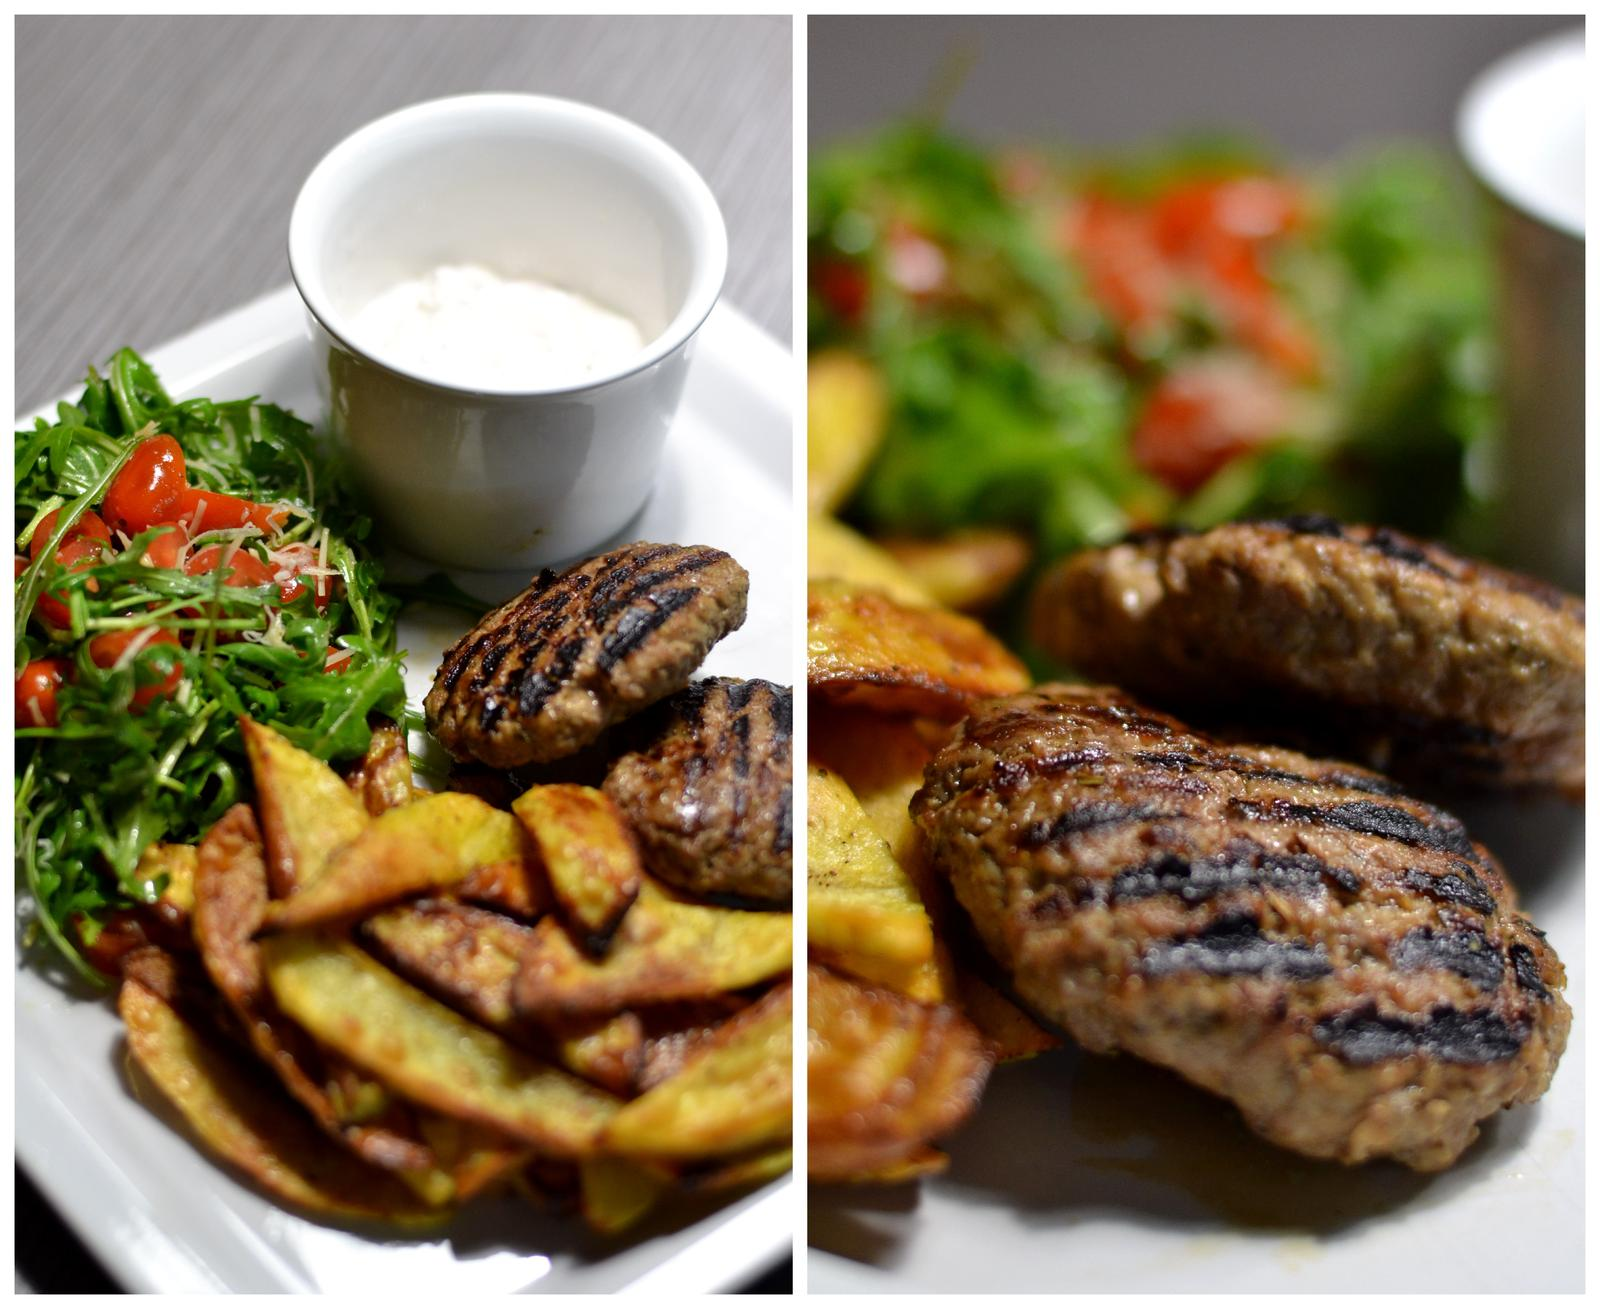 Upečeno a uvařeno u nás doma - Burgery s domácími hranolky, rukolovým salátem a dipem s červenou cibulkou